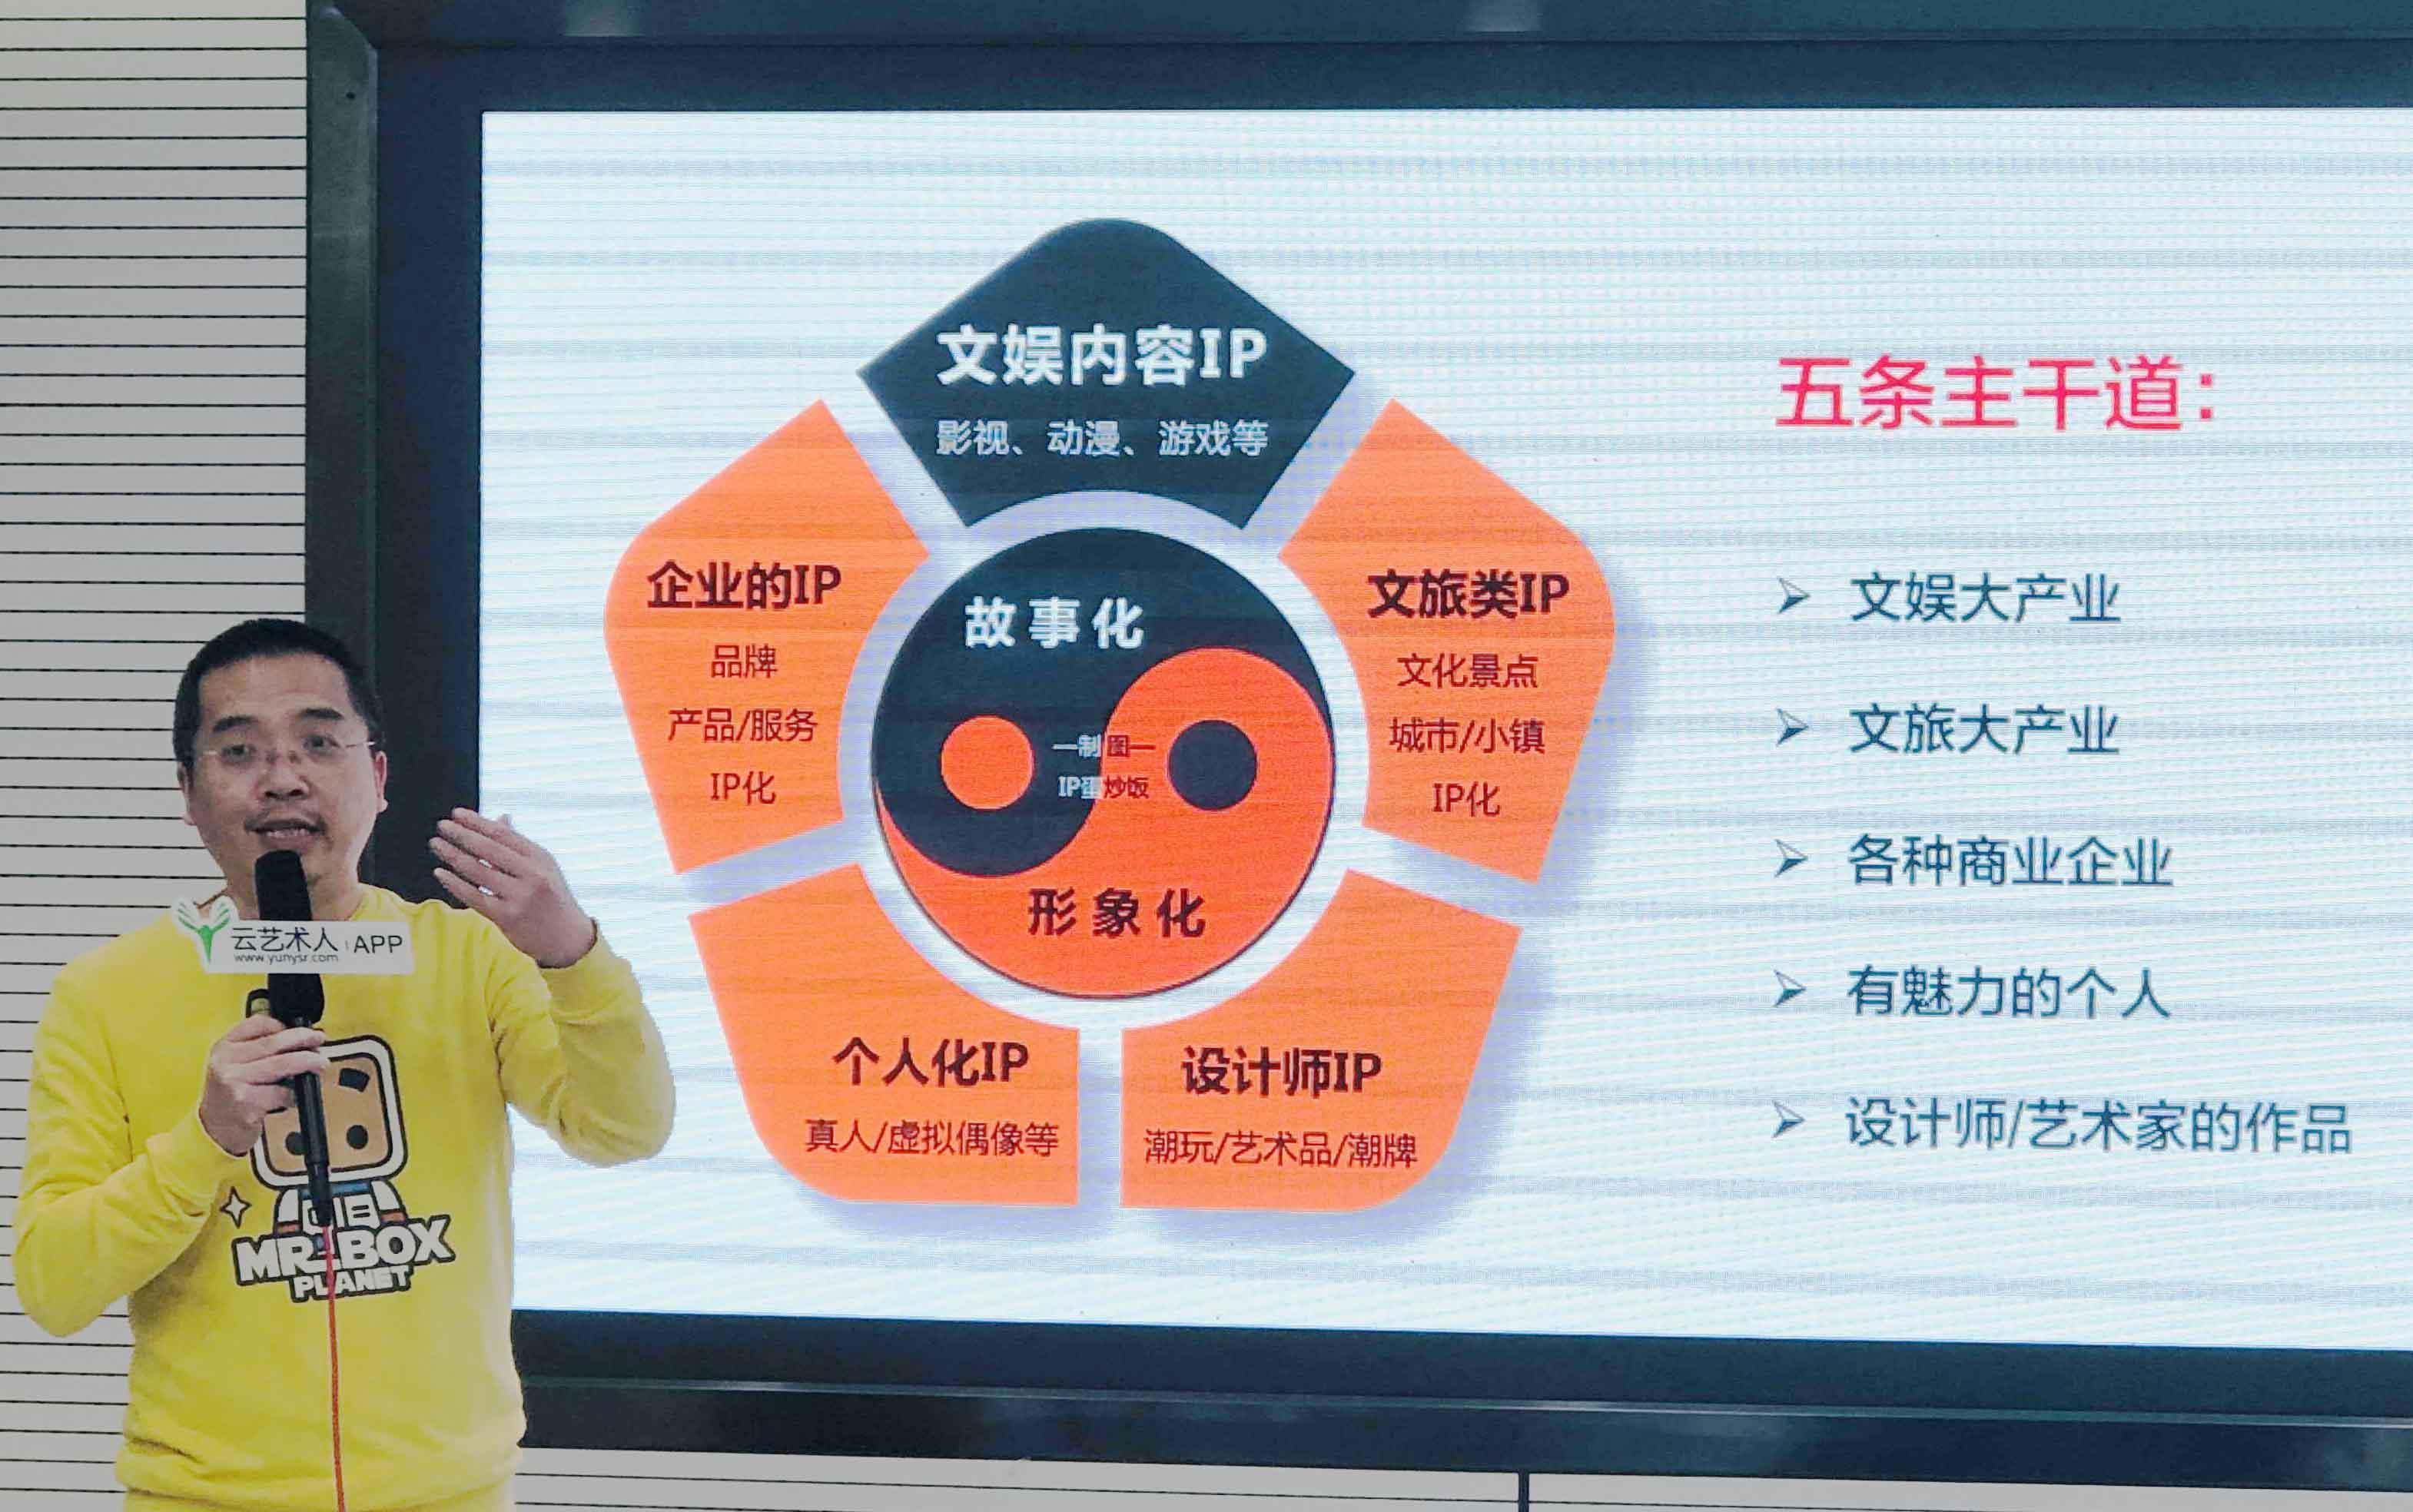 陈格雷深度讲解IP孵化,提前送上33页干货满满的方法图谱,以及近20分钟的视频教程第一小节《IP赛道篇》11月23号北京线下开课